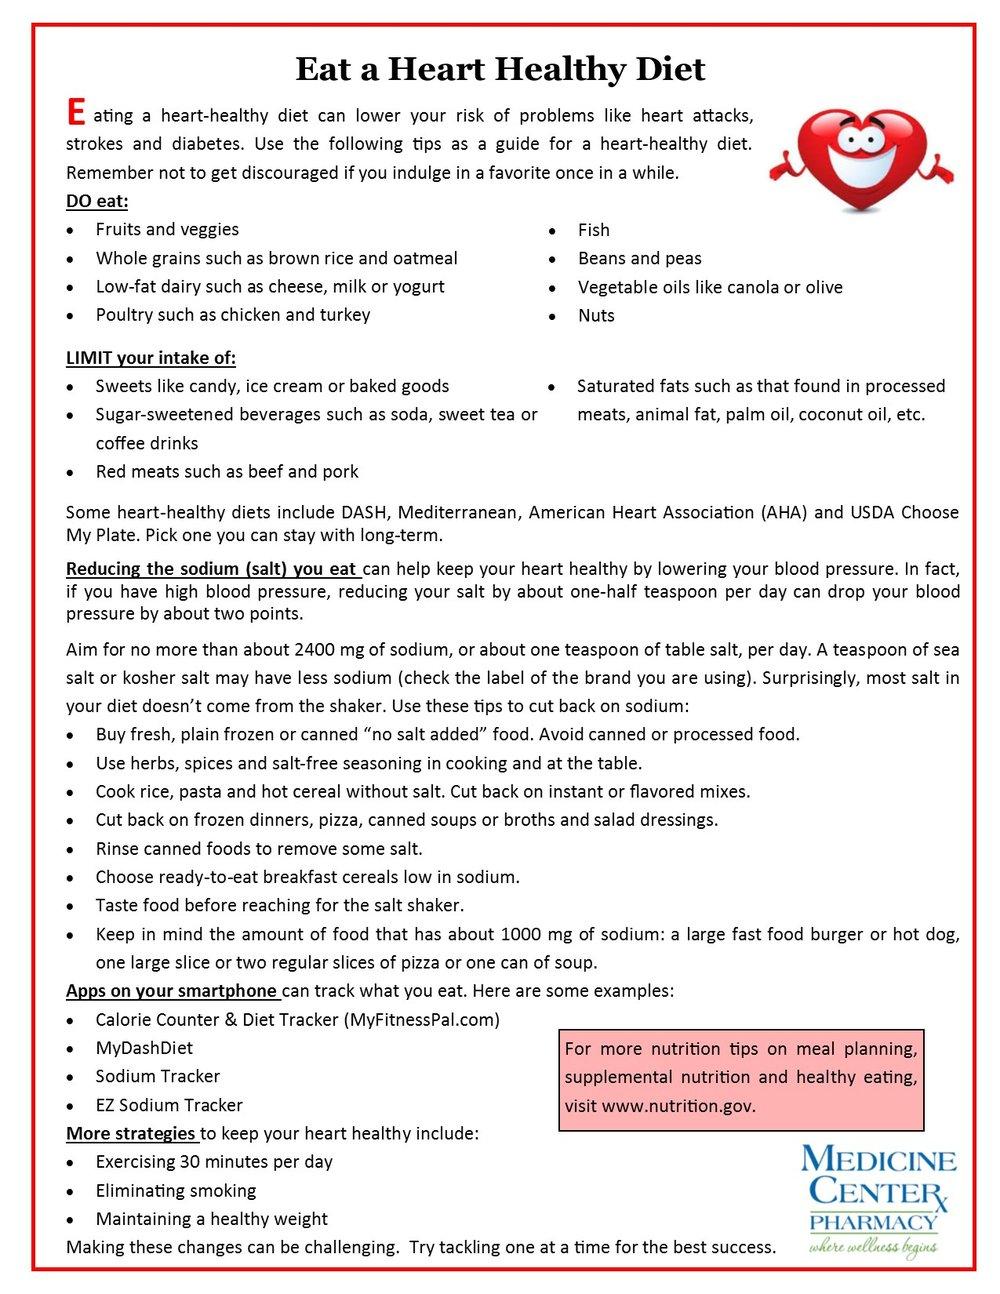 Nutrition - Heart Healthy flyer.jpg